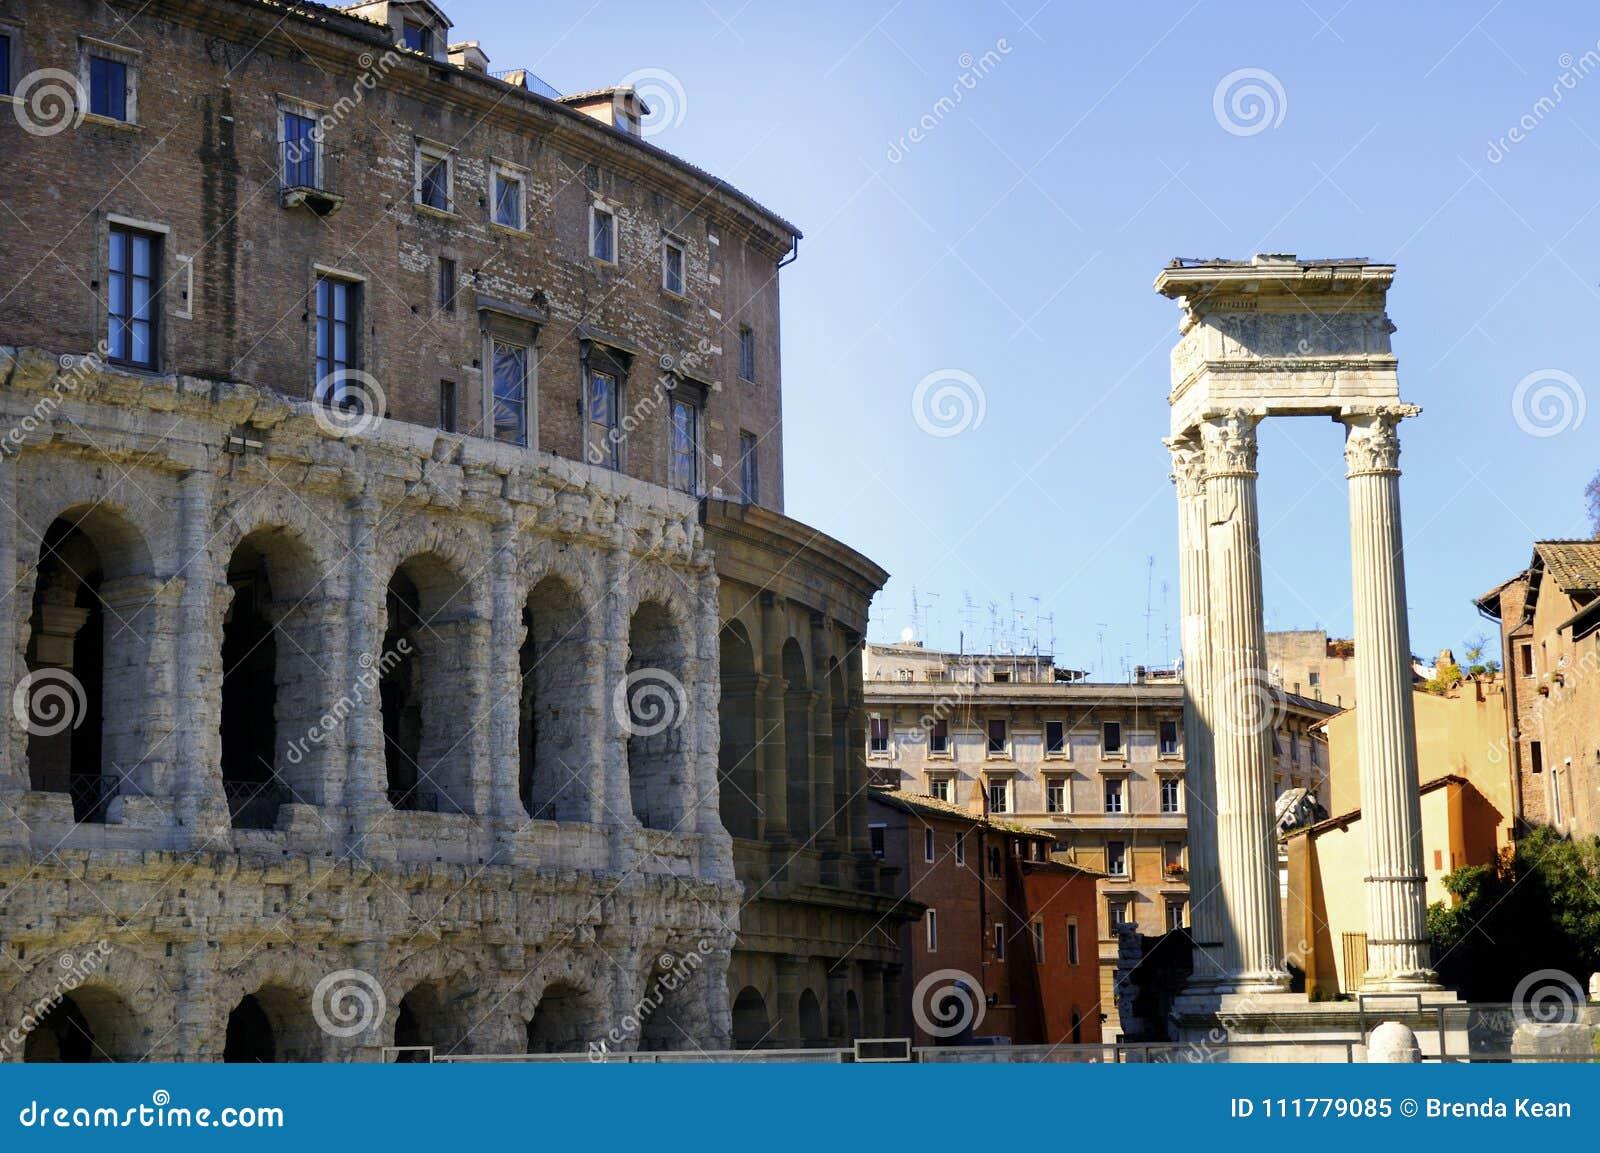 The Teatro Marcellus in Rome